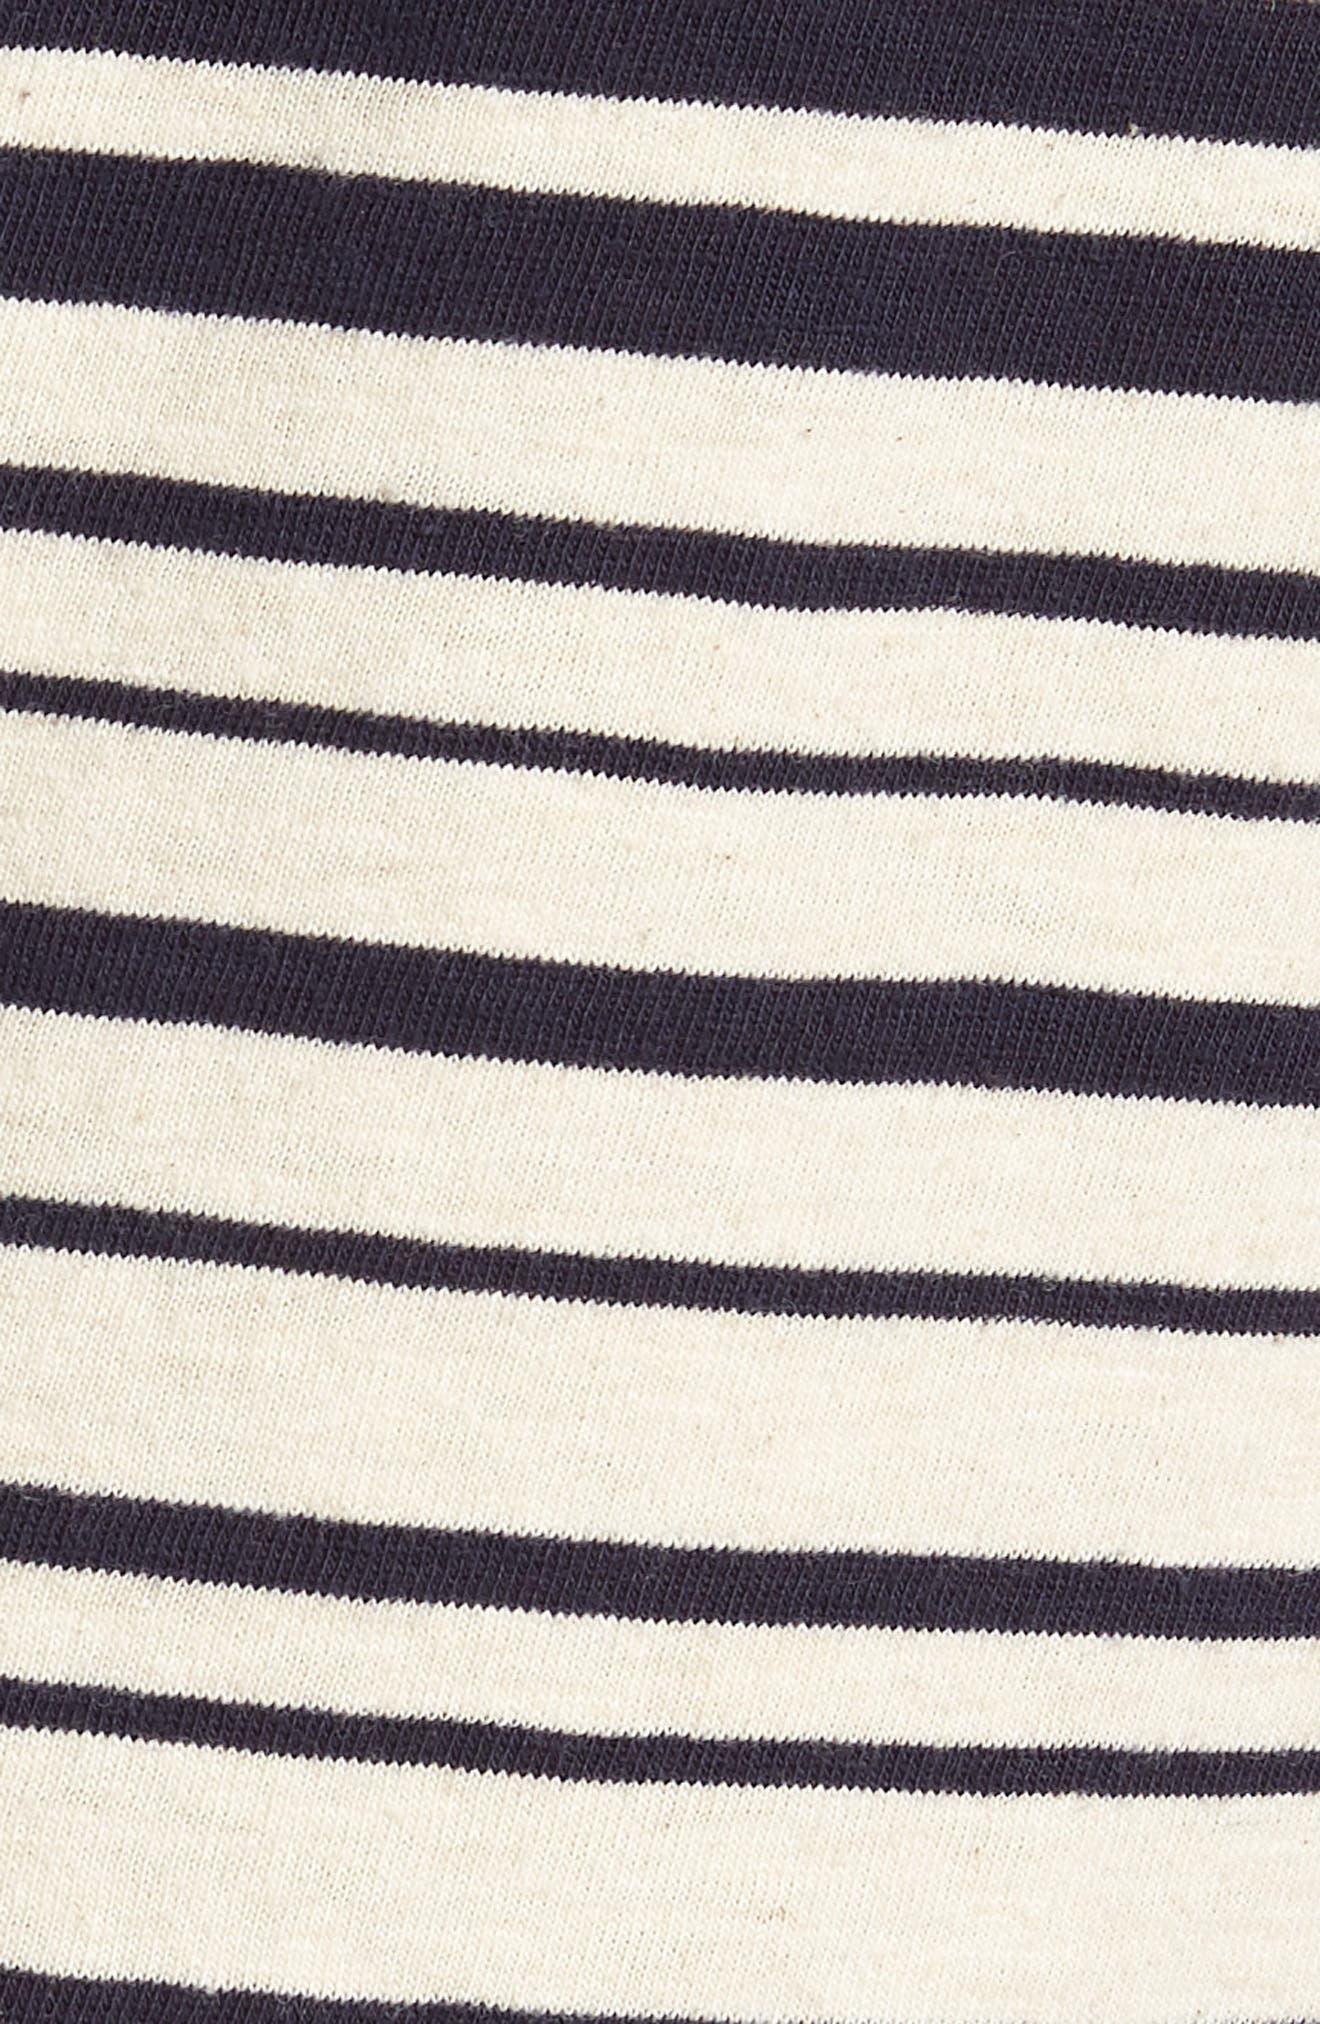 Variegated Stripe Slub Cotton T-Shirt,                             Alternate thumbnail 5, color,